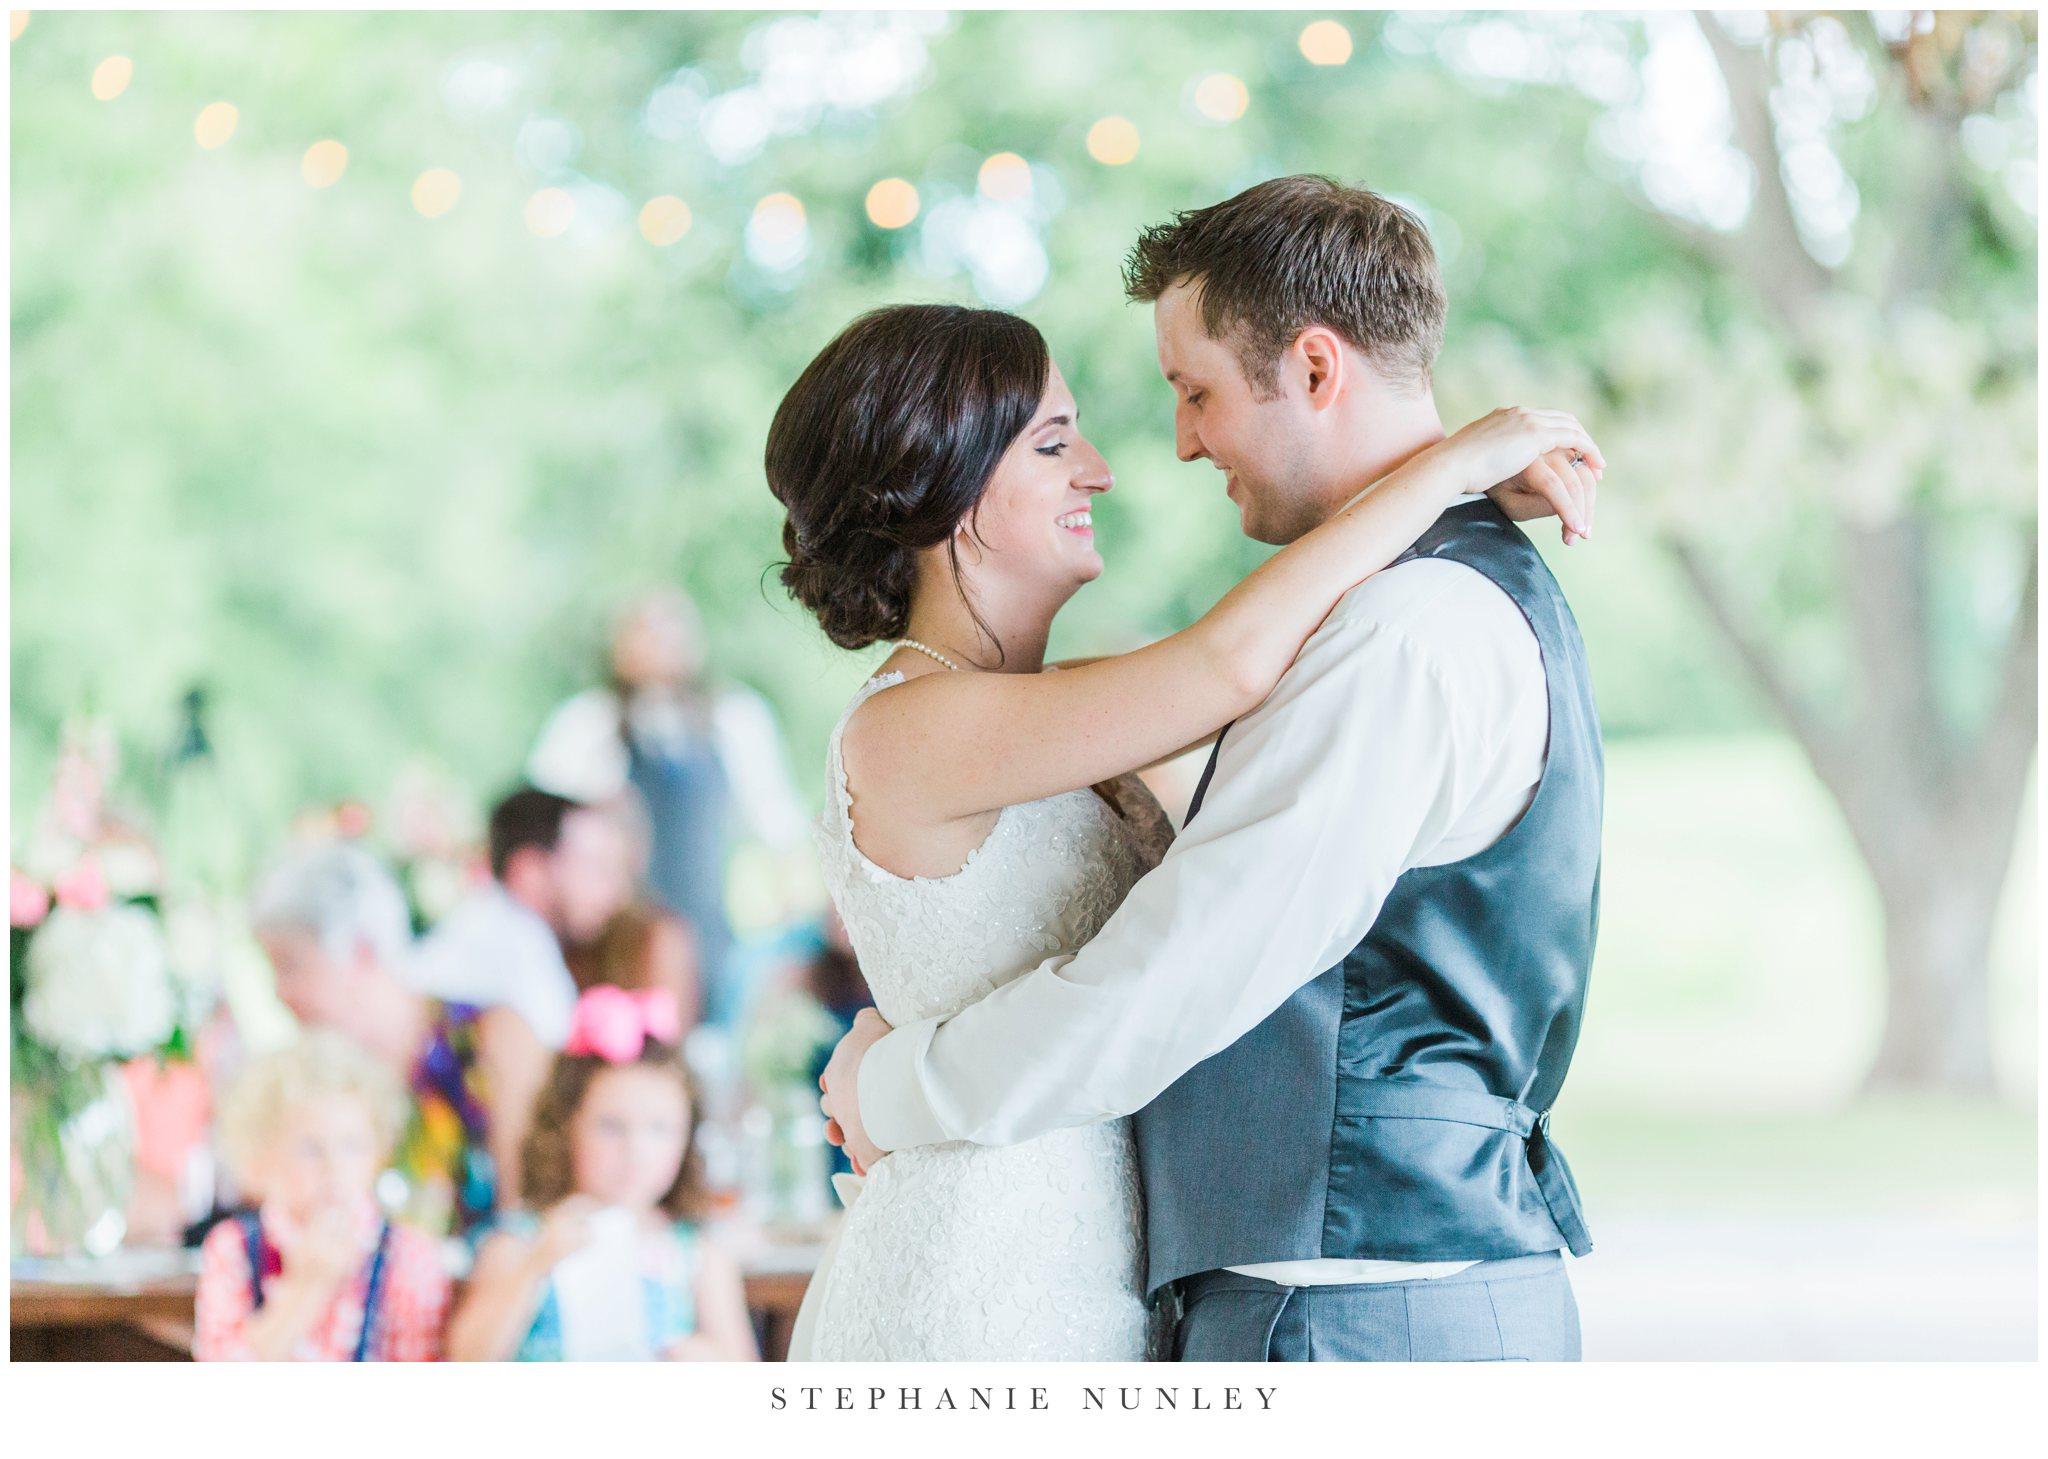 arkansas-outdoor-film-inspired-wedding-0092.jpg